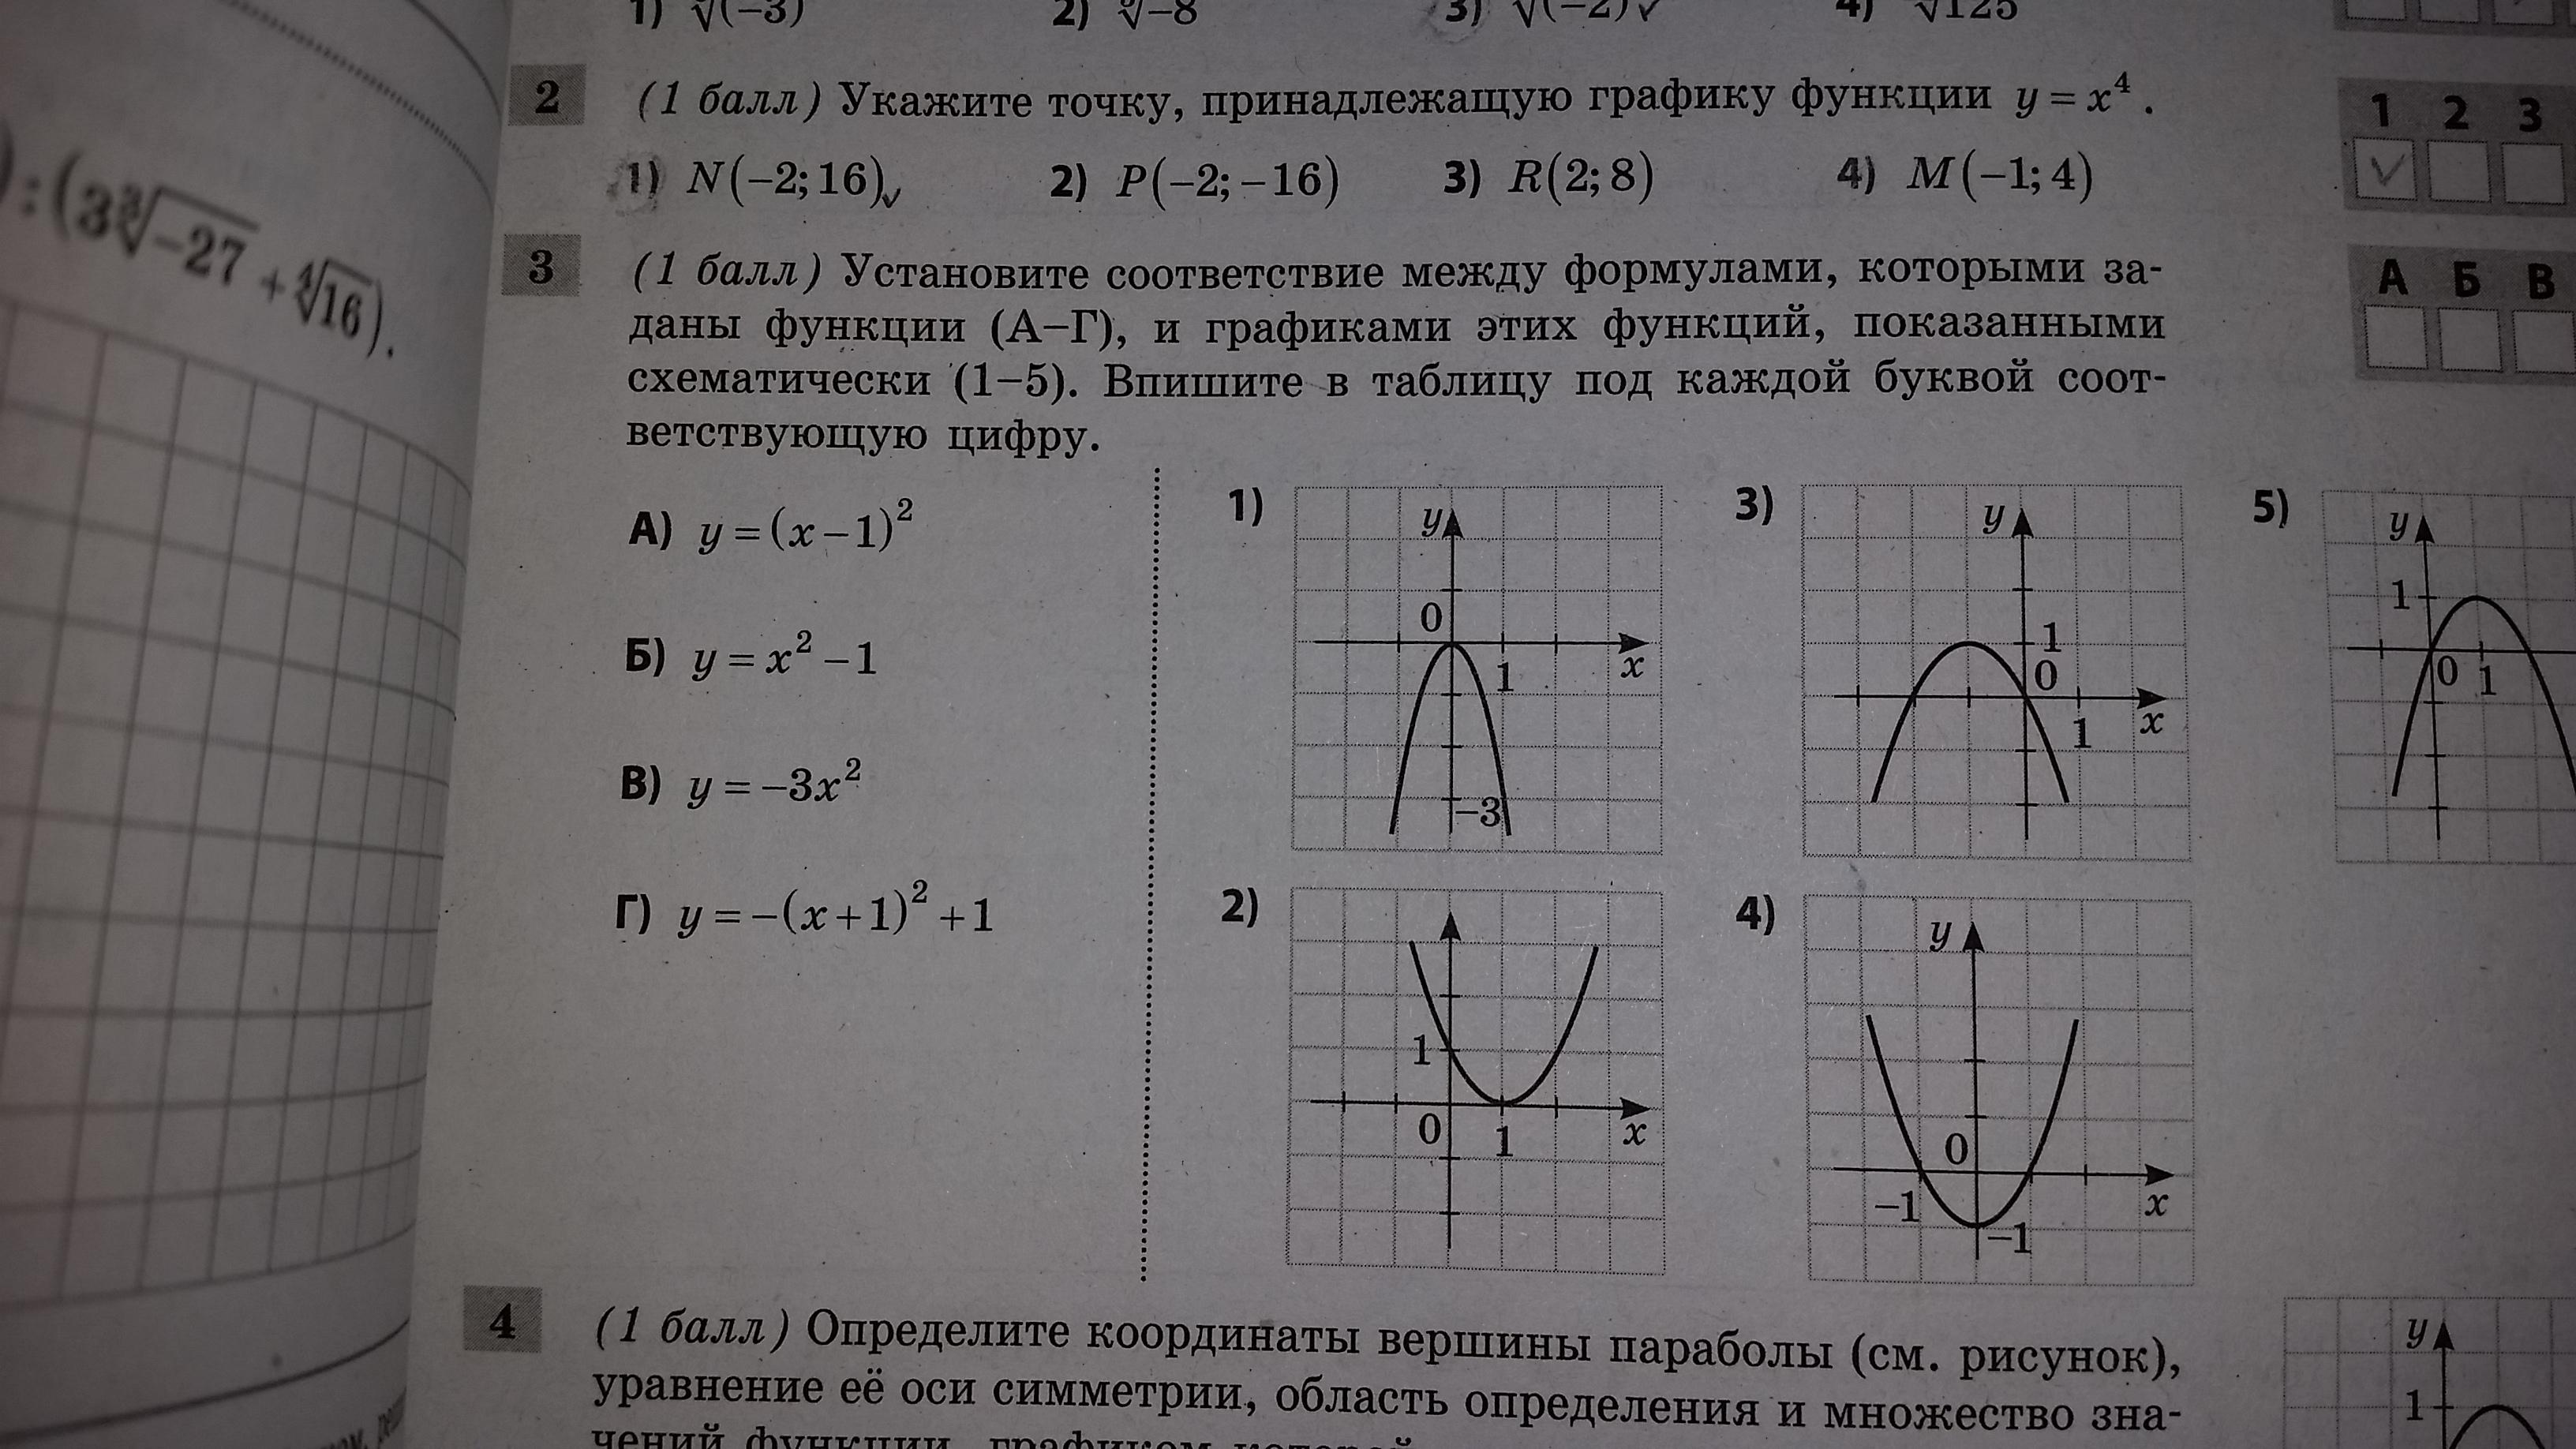 Установите соответствие между формулами которыми заданы функции (А - Г), и графиками этих функций?